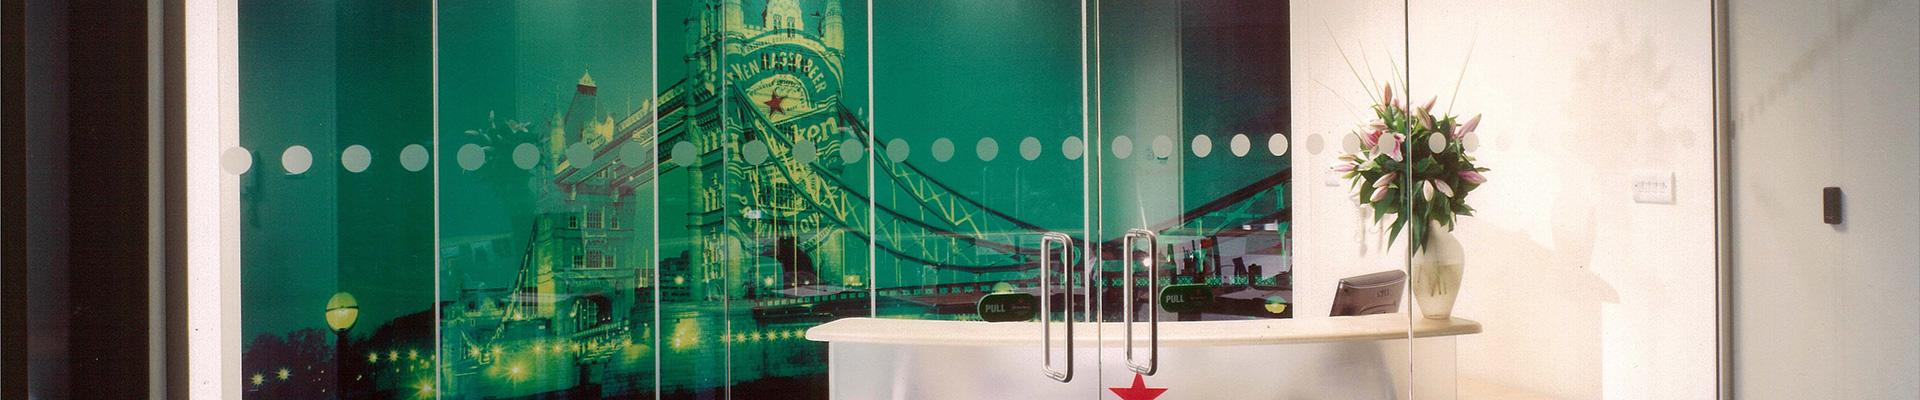 Heineken, London